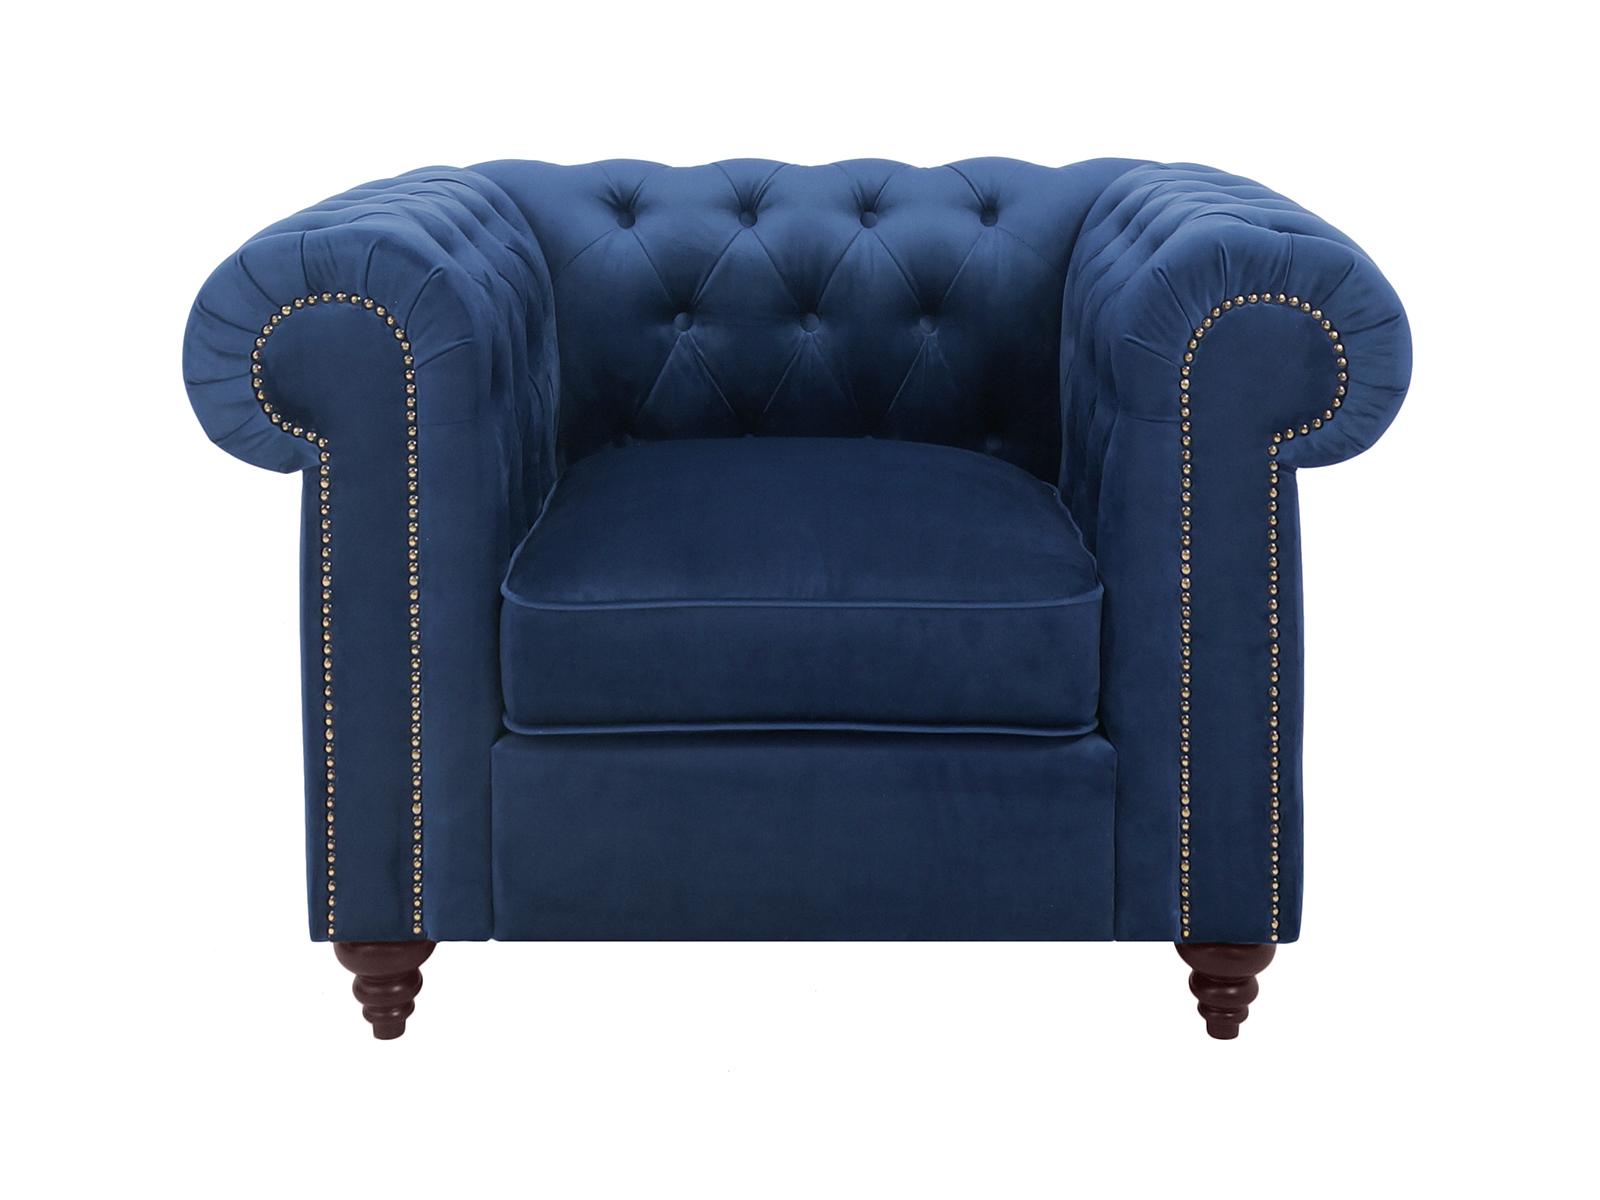 Кресло Chester ClassicКресла<br>Классическое кресло. Благодаря наклону мягкой спинки кресло Chester Classic считается креслом повышенной комфортности. Подлокотники украшены декоративными гвоздиками под состаренную бронзу. Каталог материалов, PDF<br>